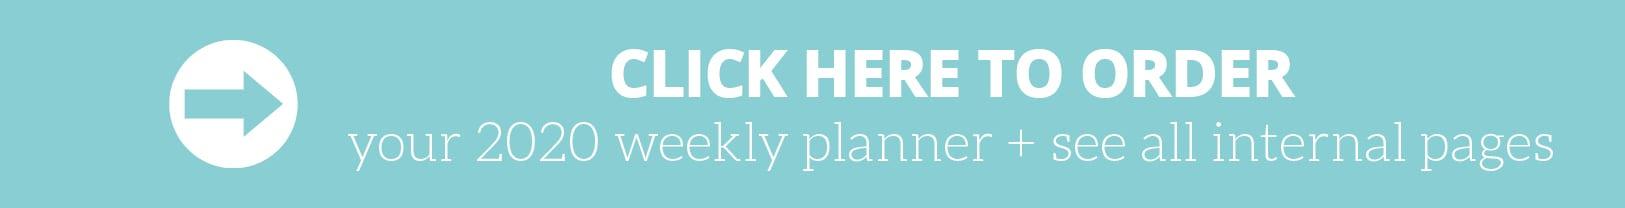 Order 2020 Weekly Planner by Organised Housewife